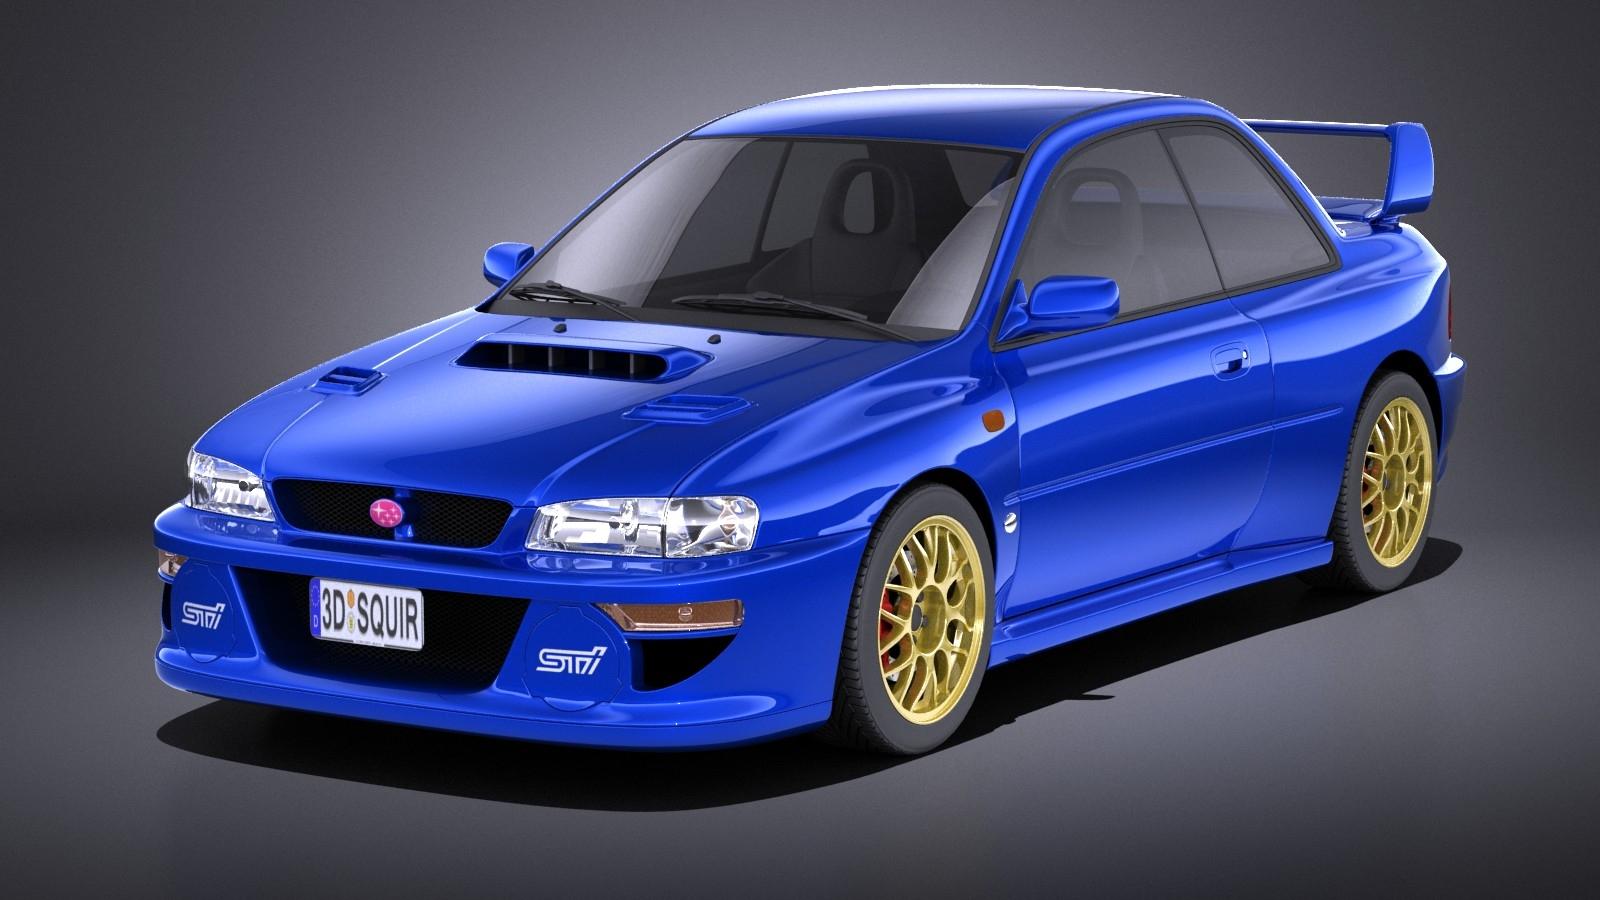 Subaru Impreza STI 22B  1993-2000 VRAY